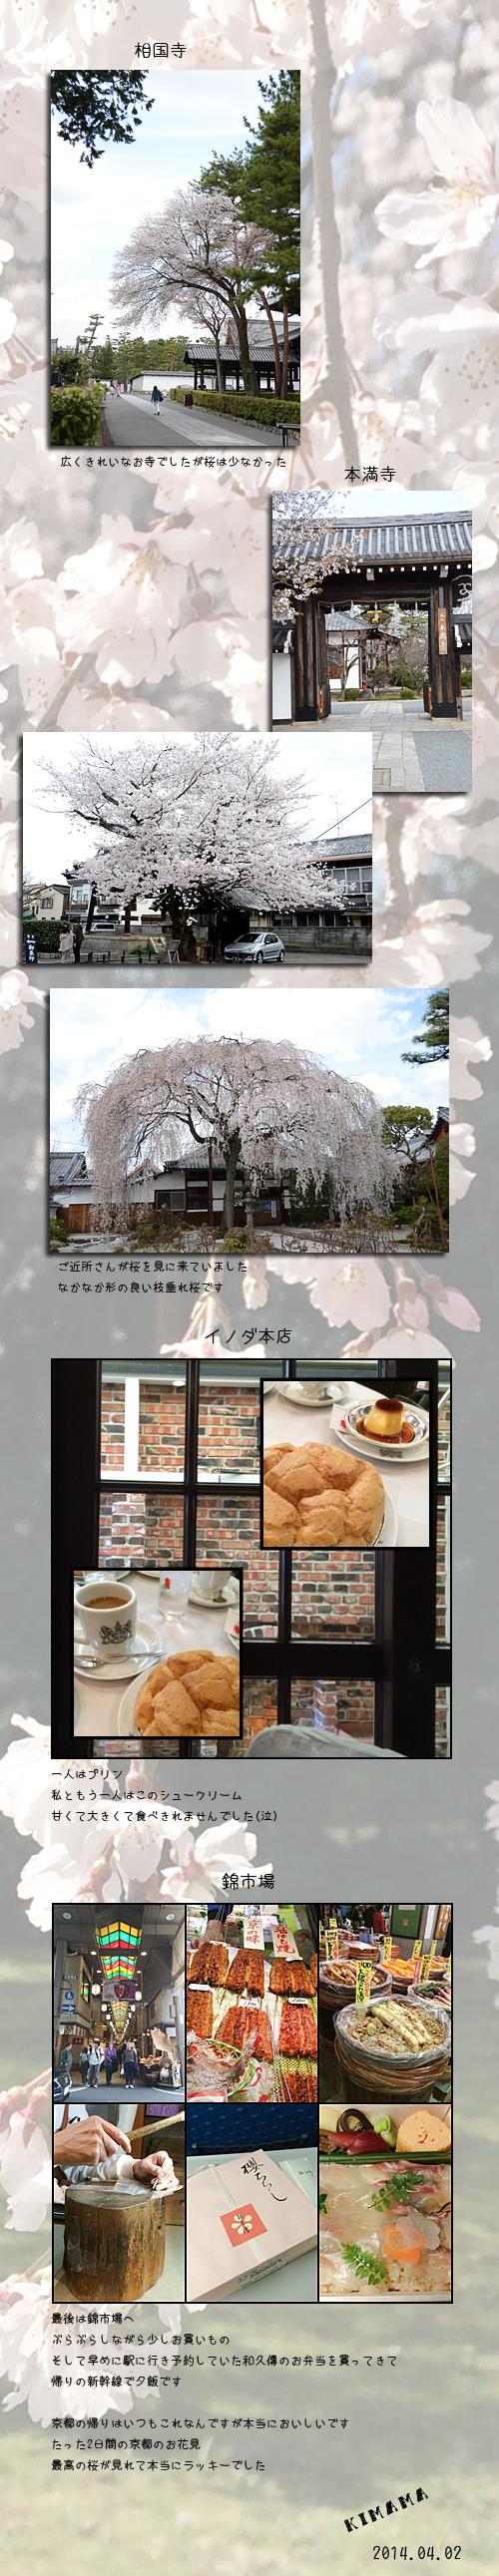 4月6日京都4